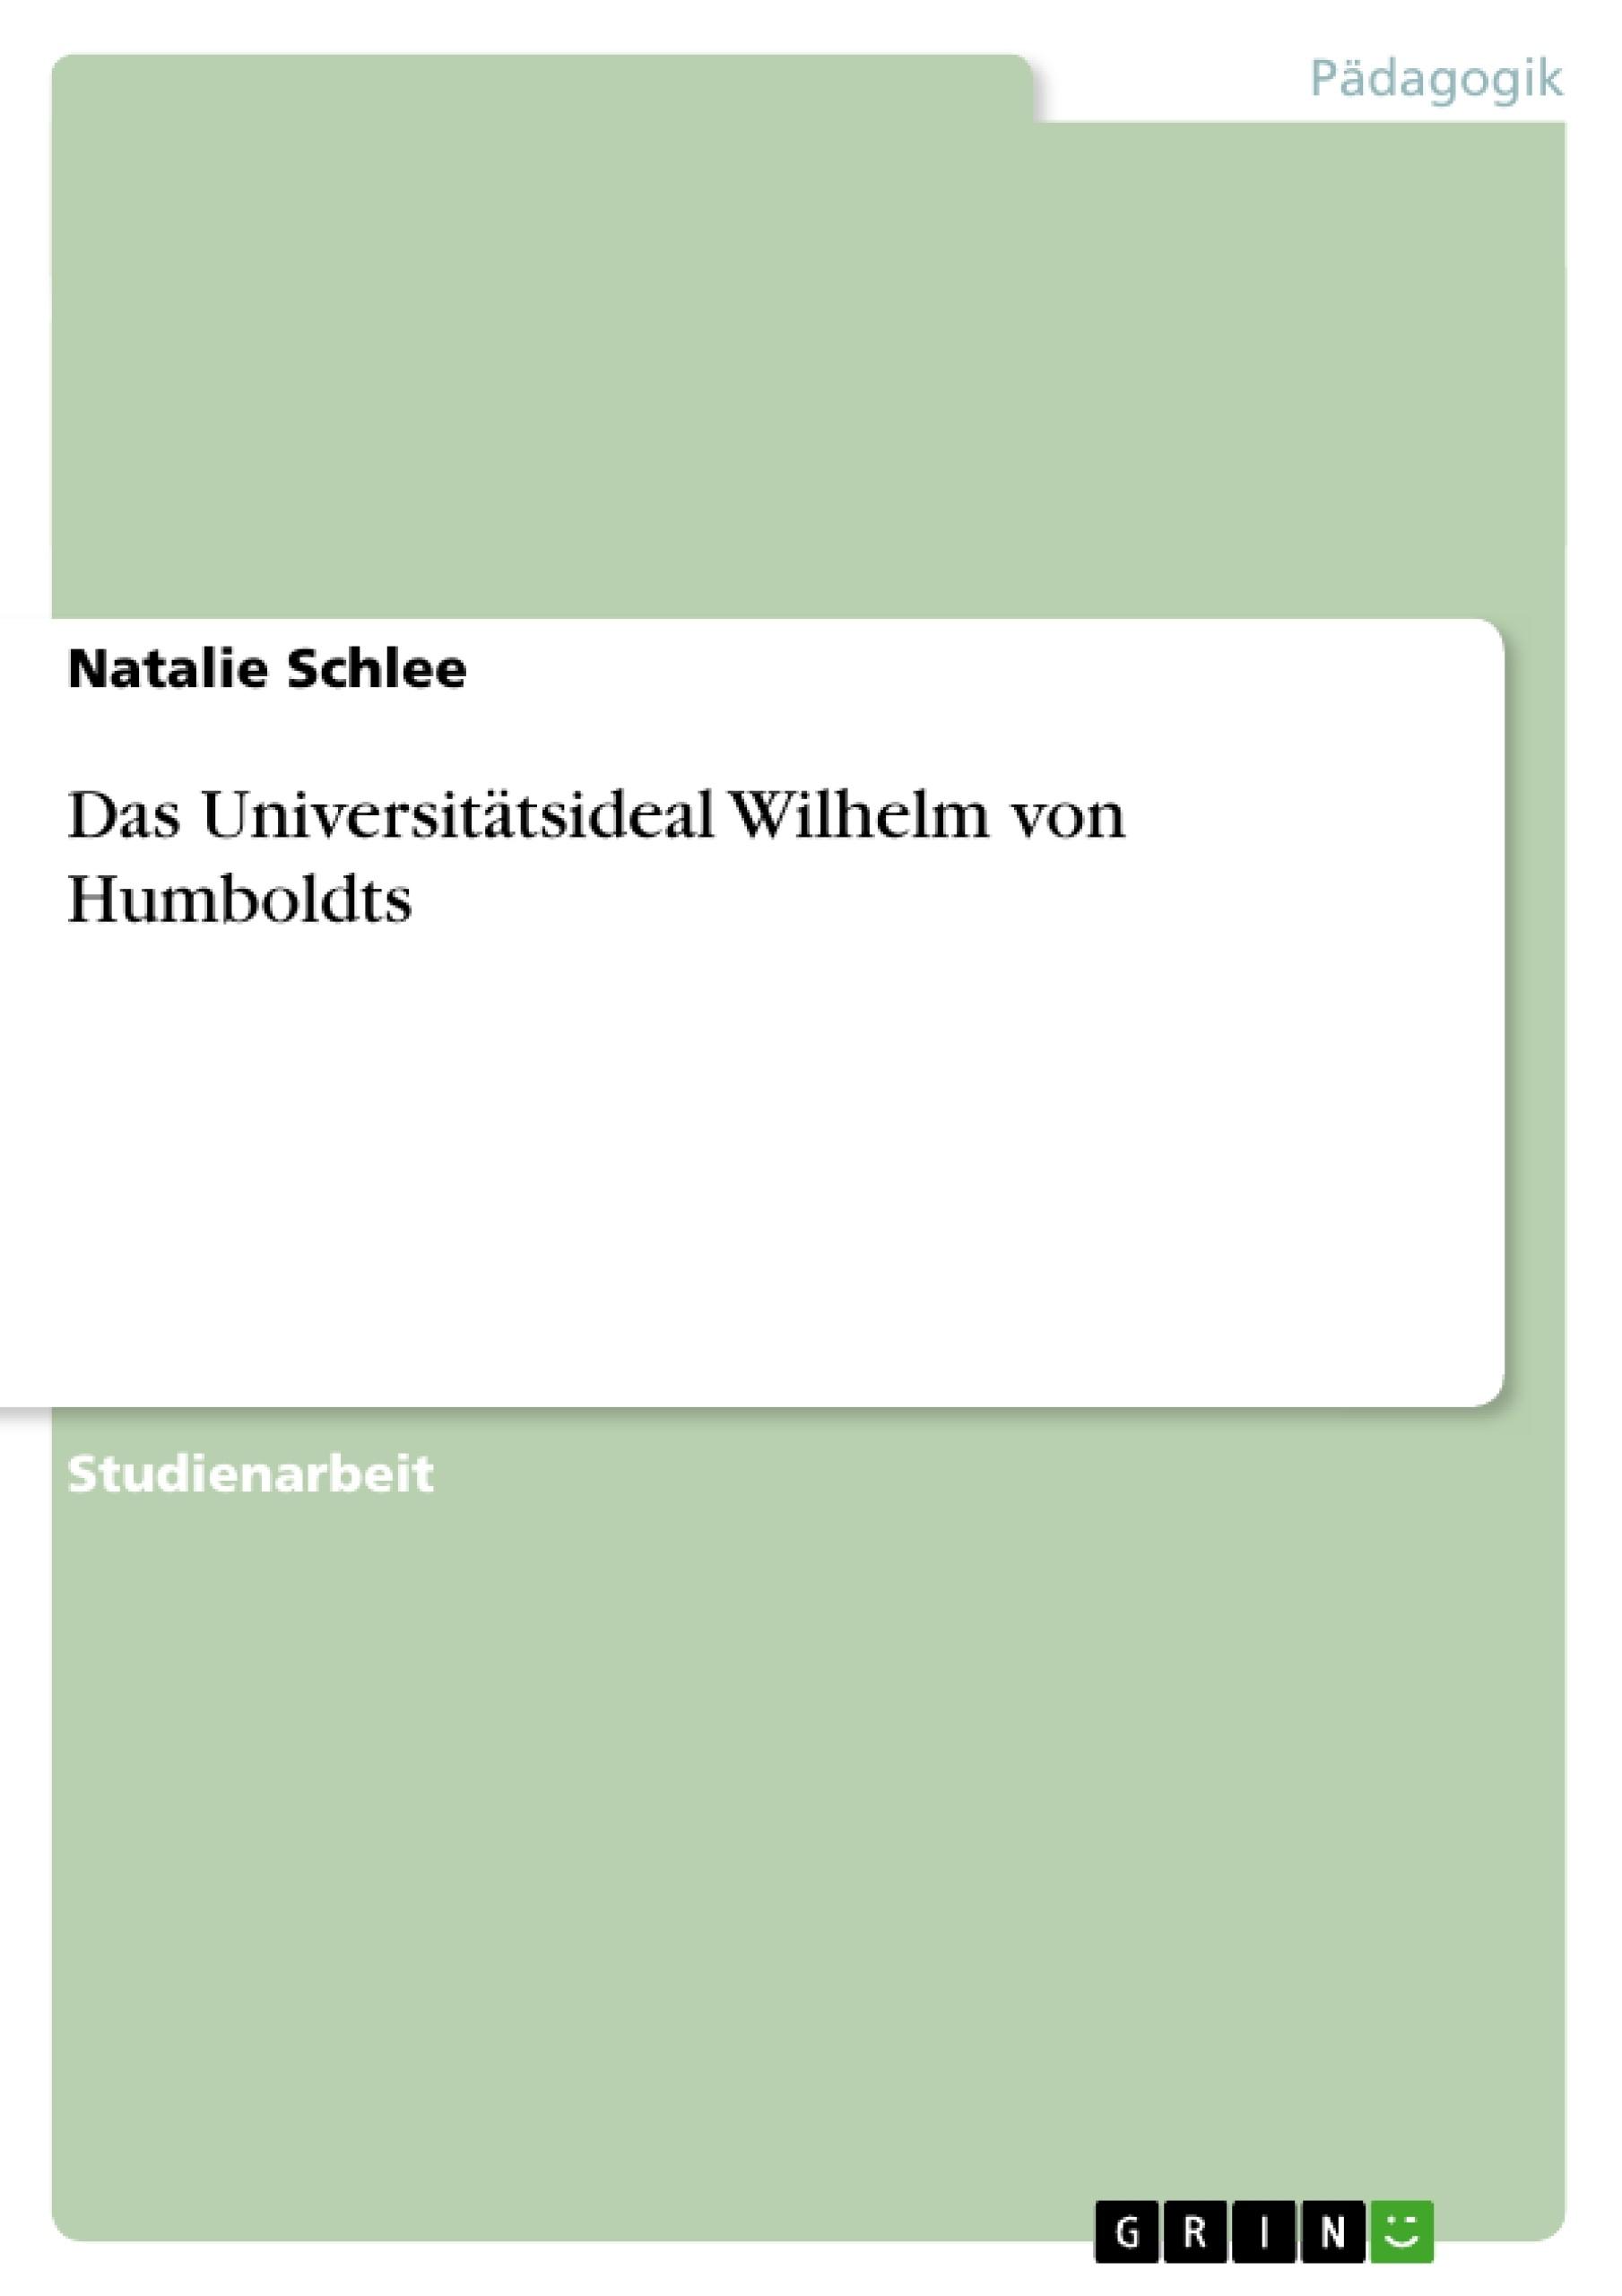 Titel: Das Universitätsideal Wilhelm von Humboldts